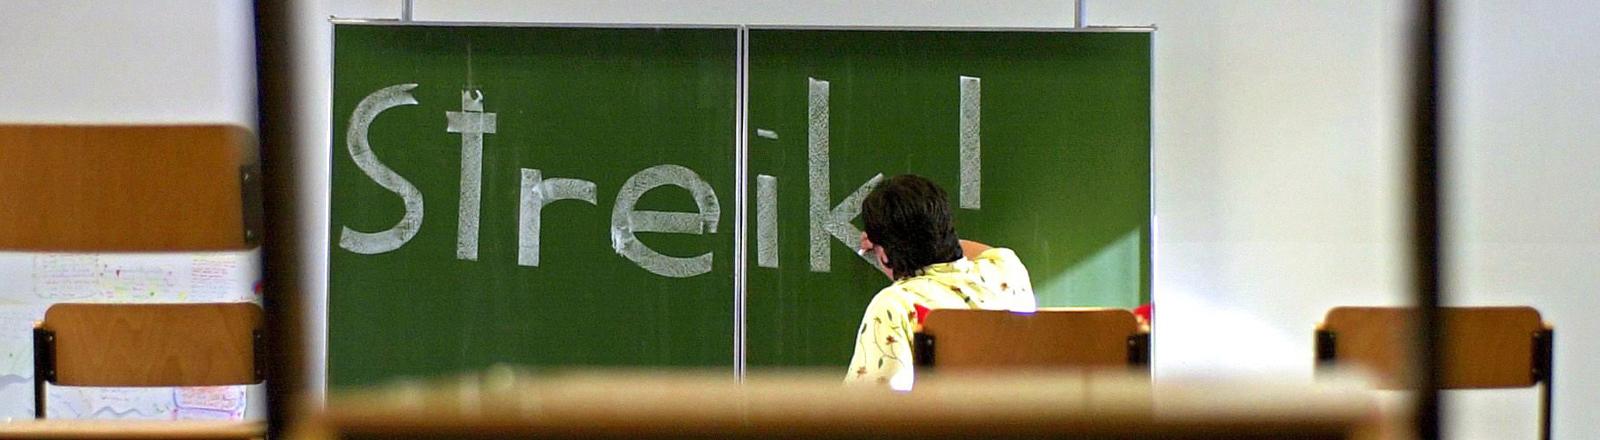 eine Lehrerin schreibt das Wort Streik mit Kreide an eine Tafel